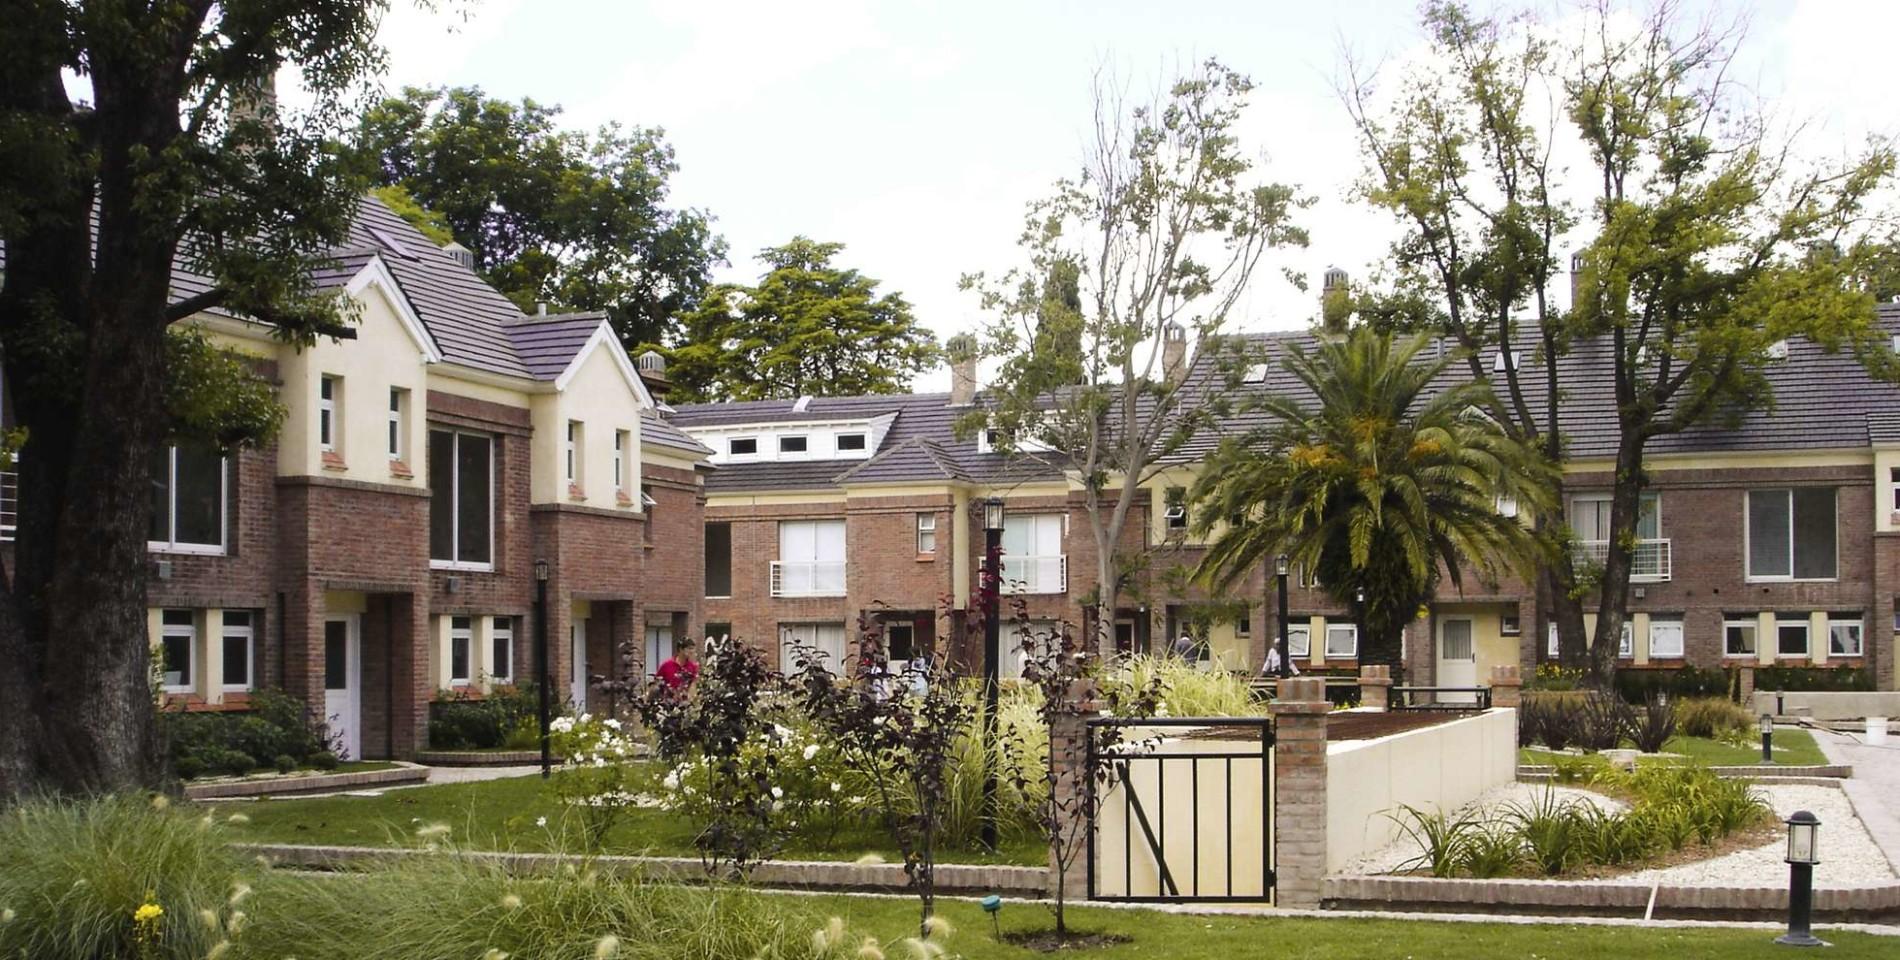 40-casas-de-adrogue-4